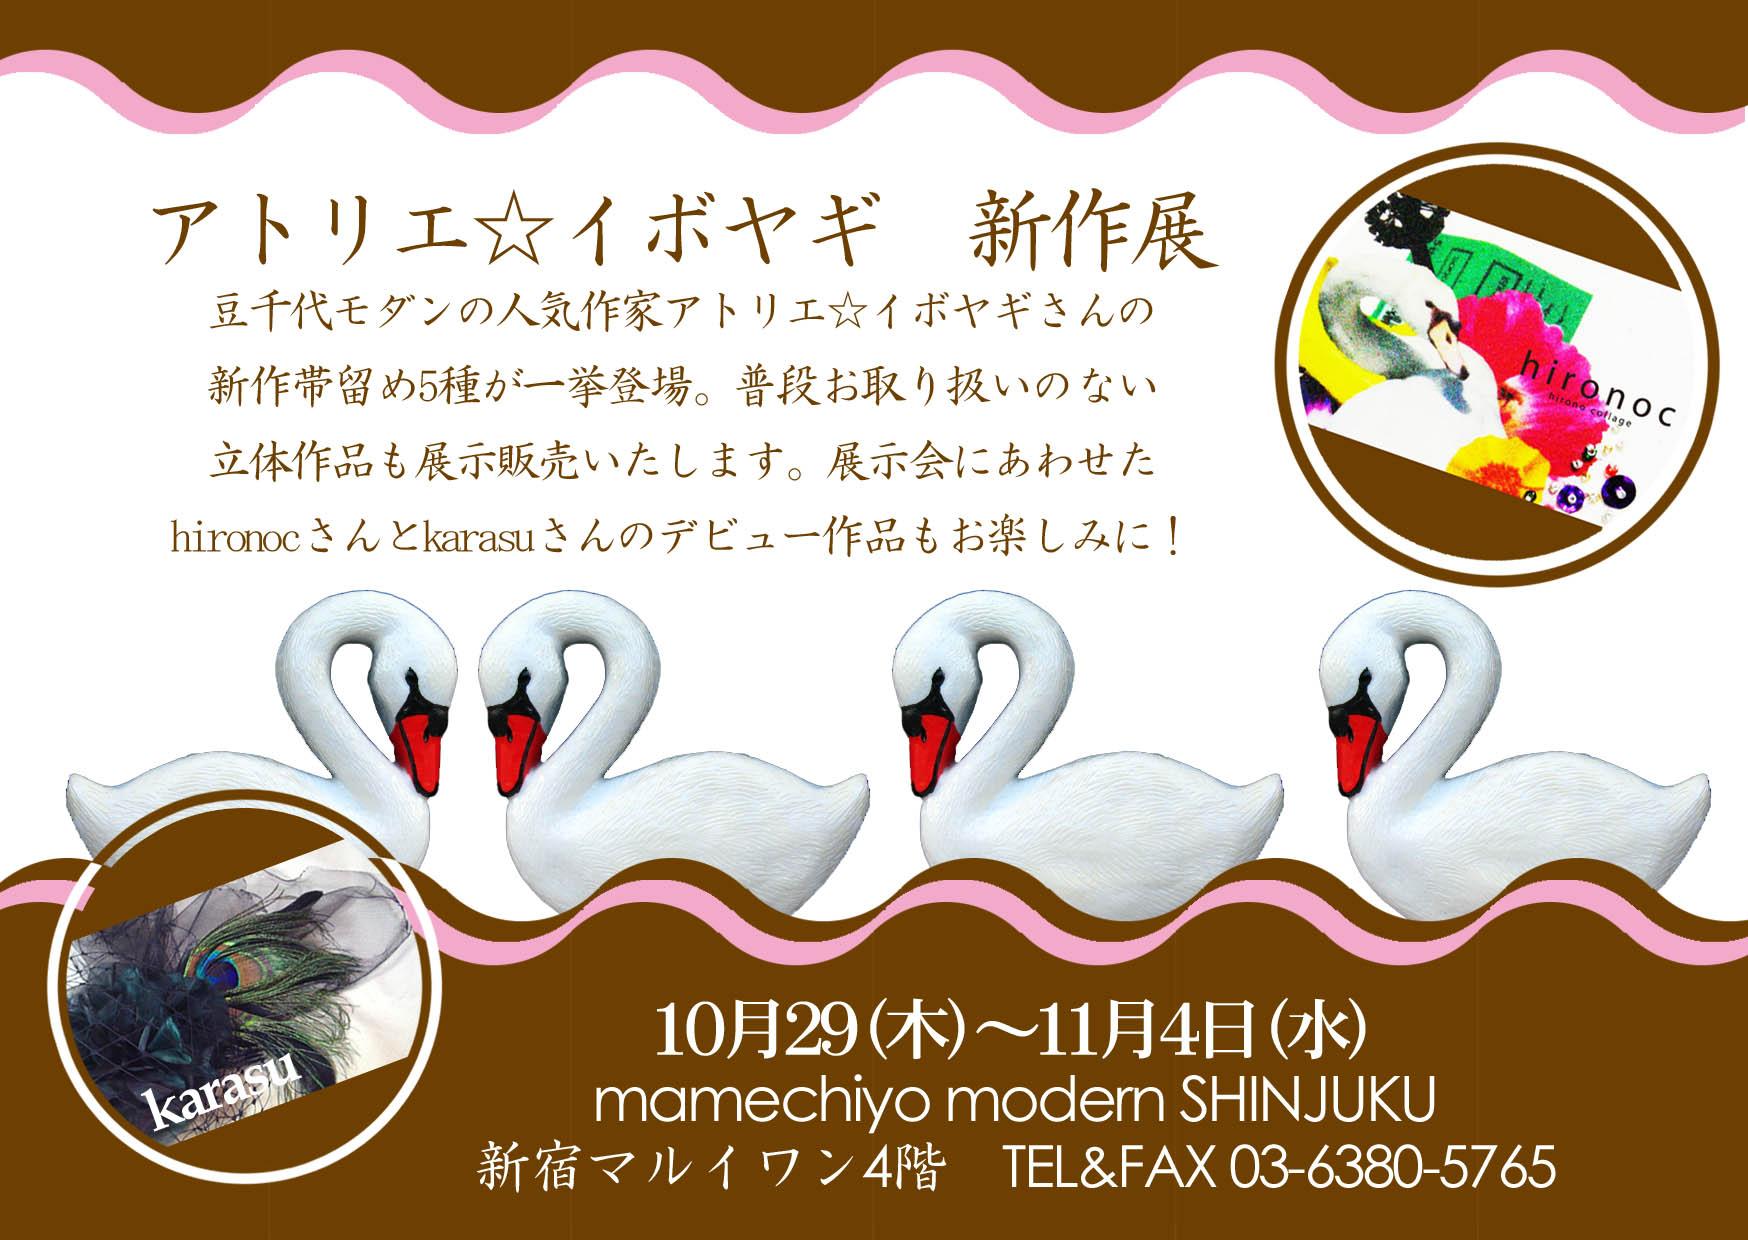 アトリエ☆イボヤギ 新作展_e0167832_10484848.jpg